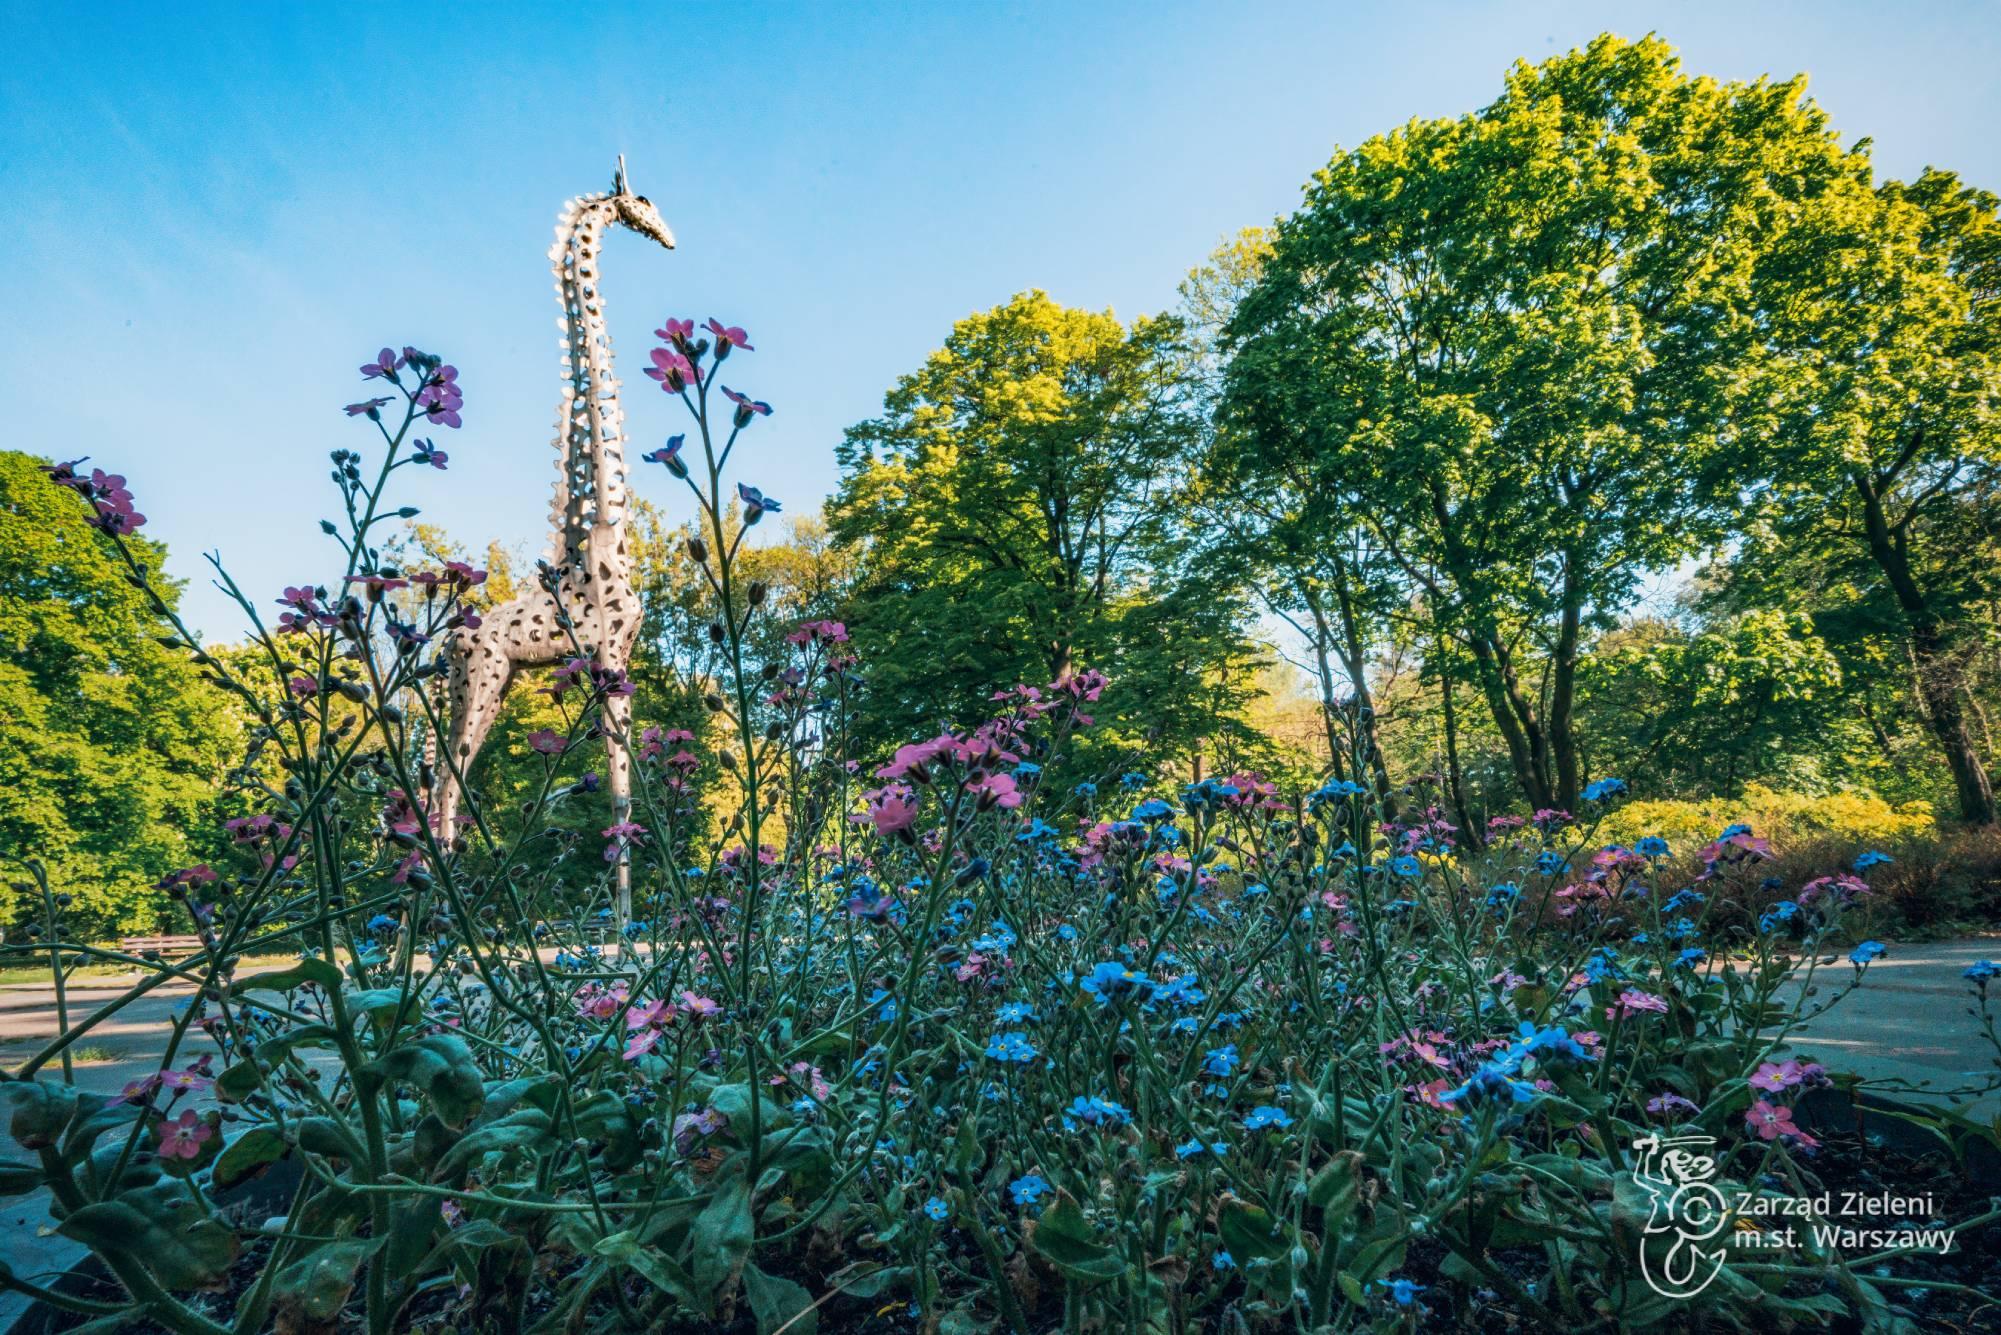 Donice z kwiatami i rzeźba żyrafy w Parku Praskim